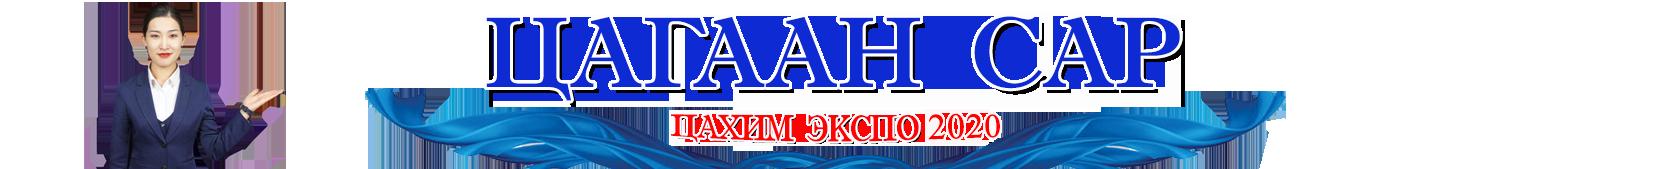 Цагаан Сар Цахим Экспо